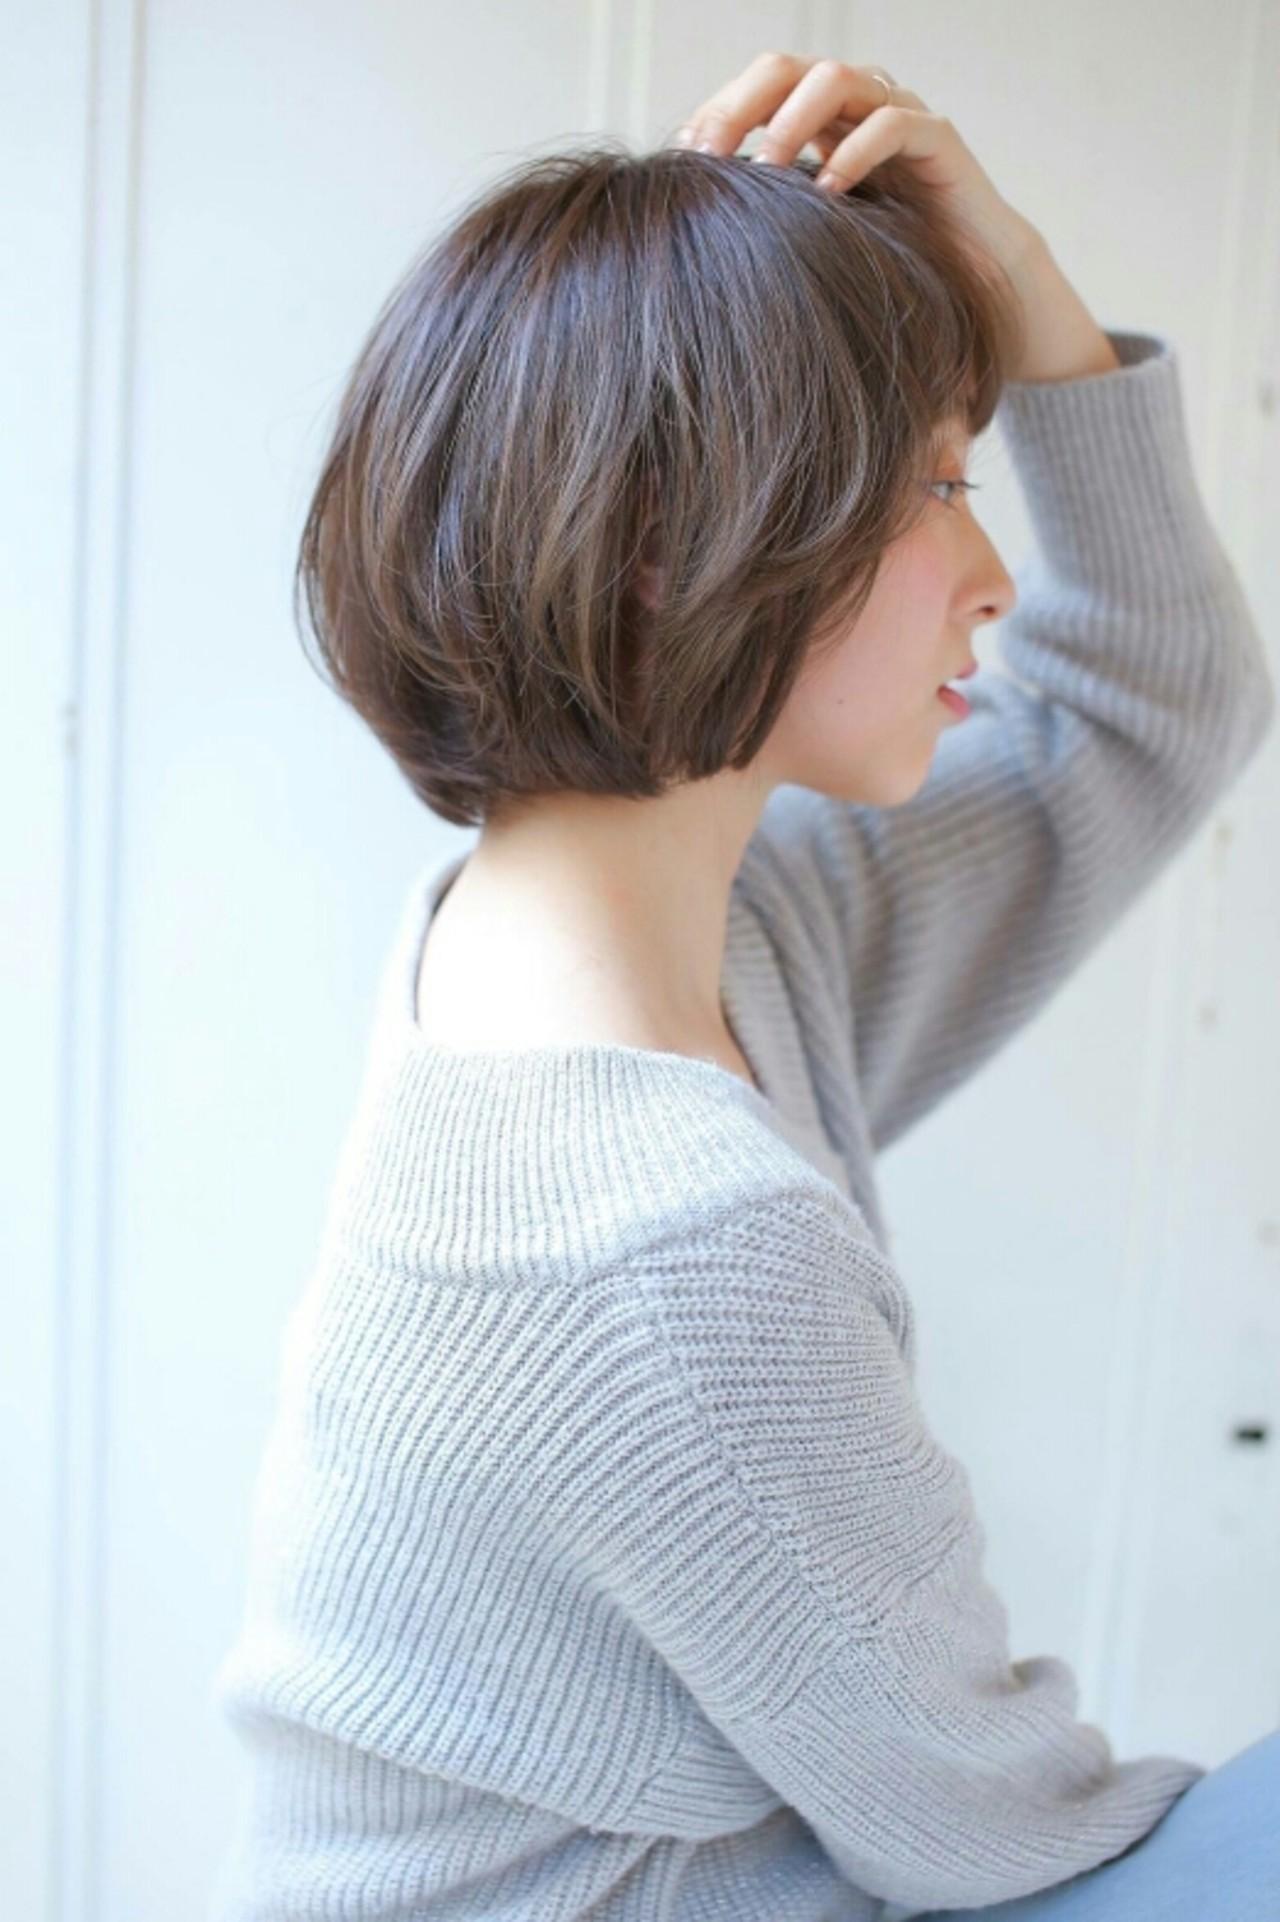 透明感 ワンカール アッシュ 大人かわいい ヘアスタイルや髪型の写真・画像